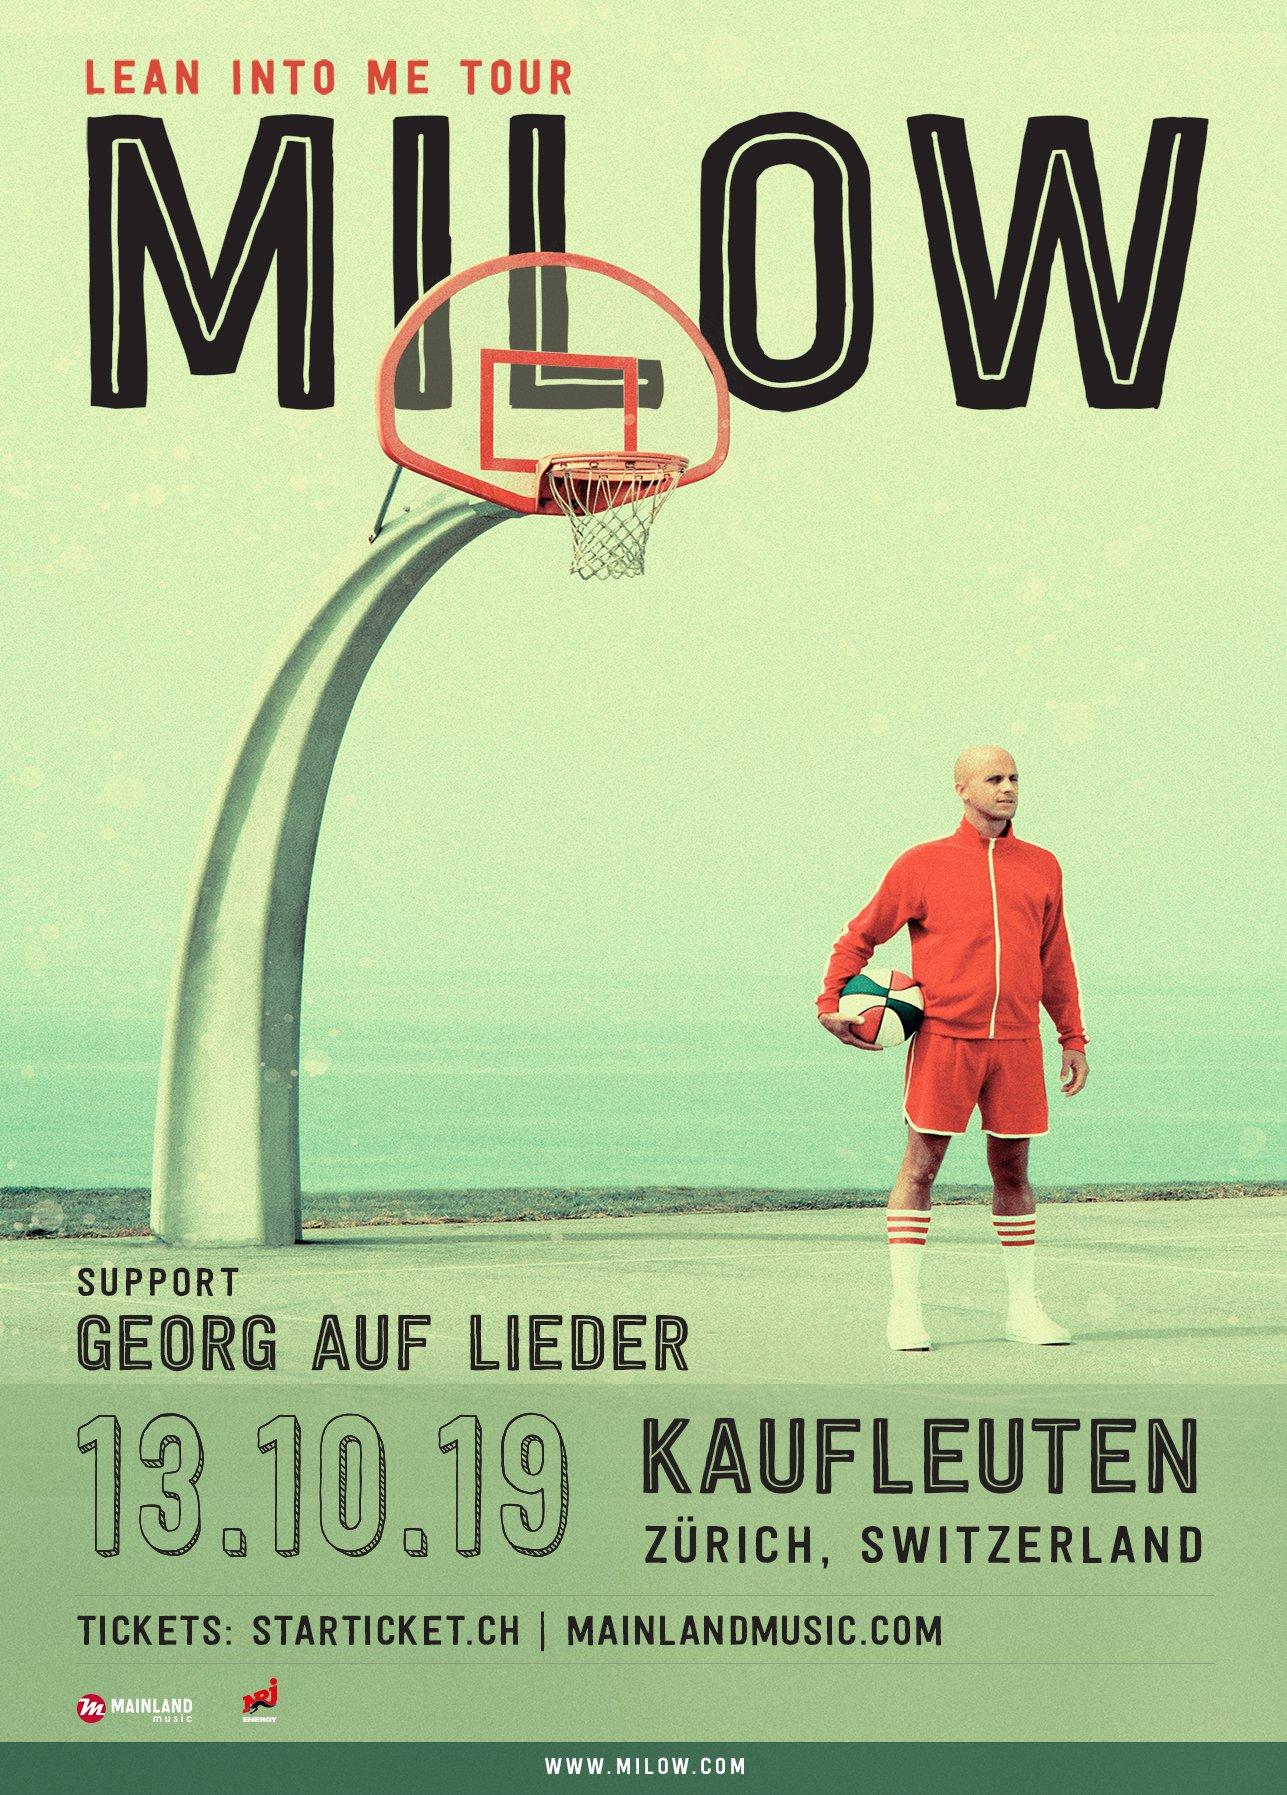 Milow ist aus der Schweizer Musiklandschaft nicht mehr wegzudenken. Über 15 Konzerte und zahlreiche Chartplatzierungen kann der belgische Singer/Songwriter hierzulande verbuchen.